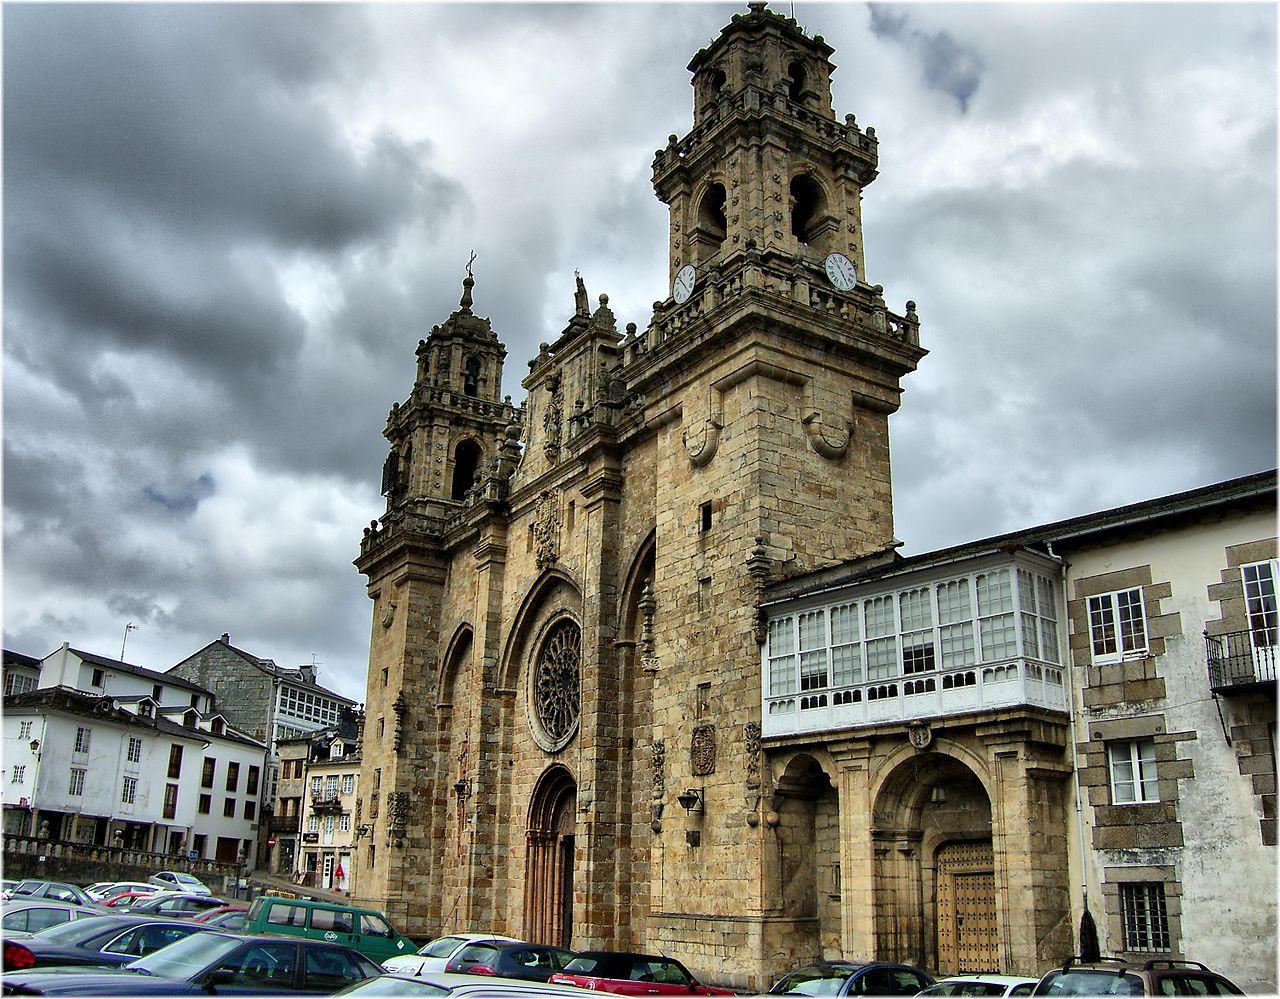 2035-Catedral de Mondoñedo (Lugo).jpg